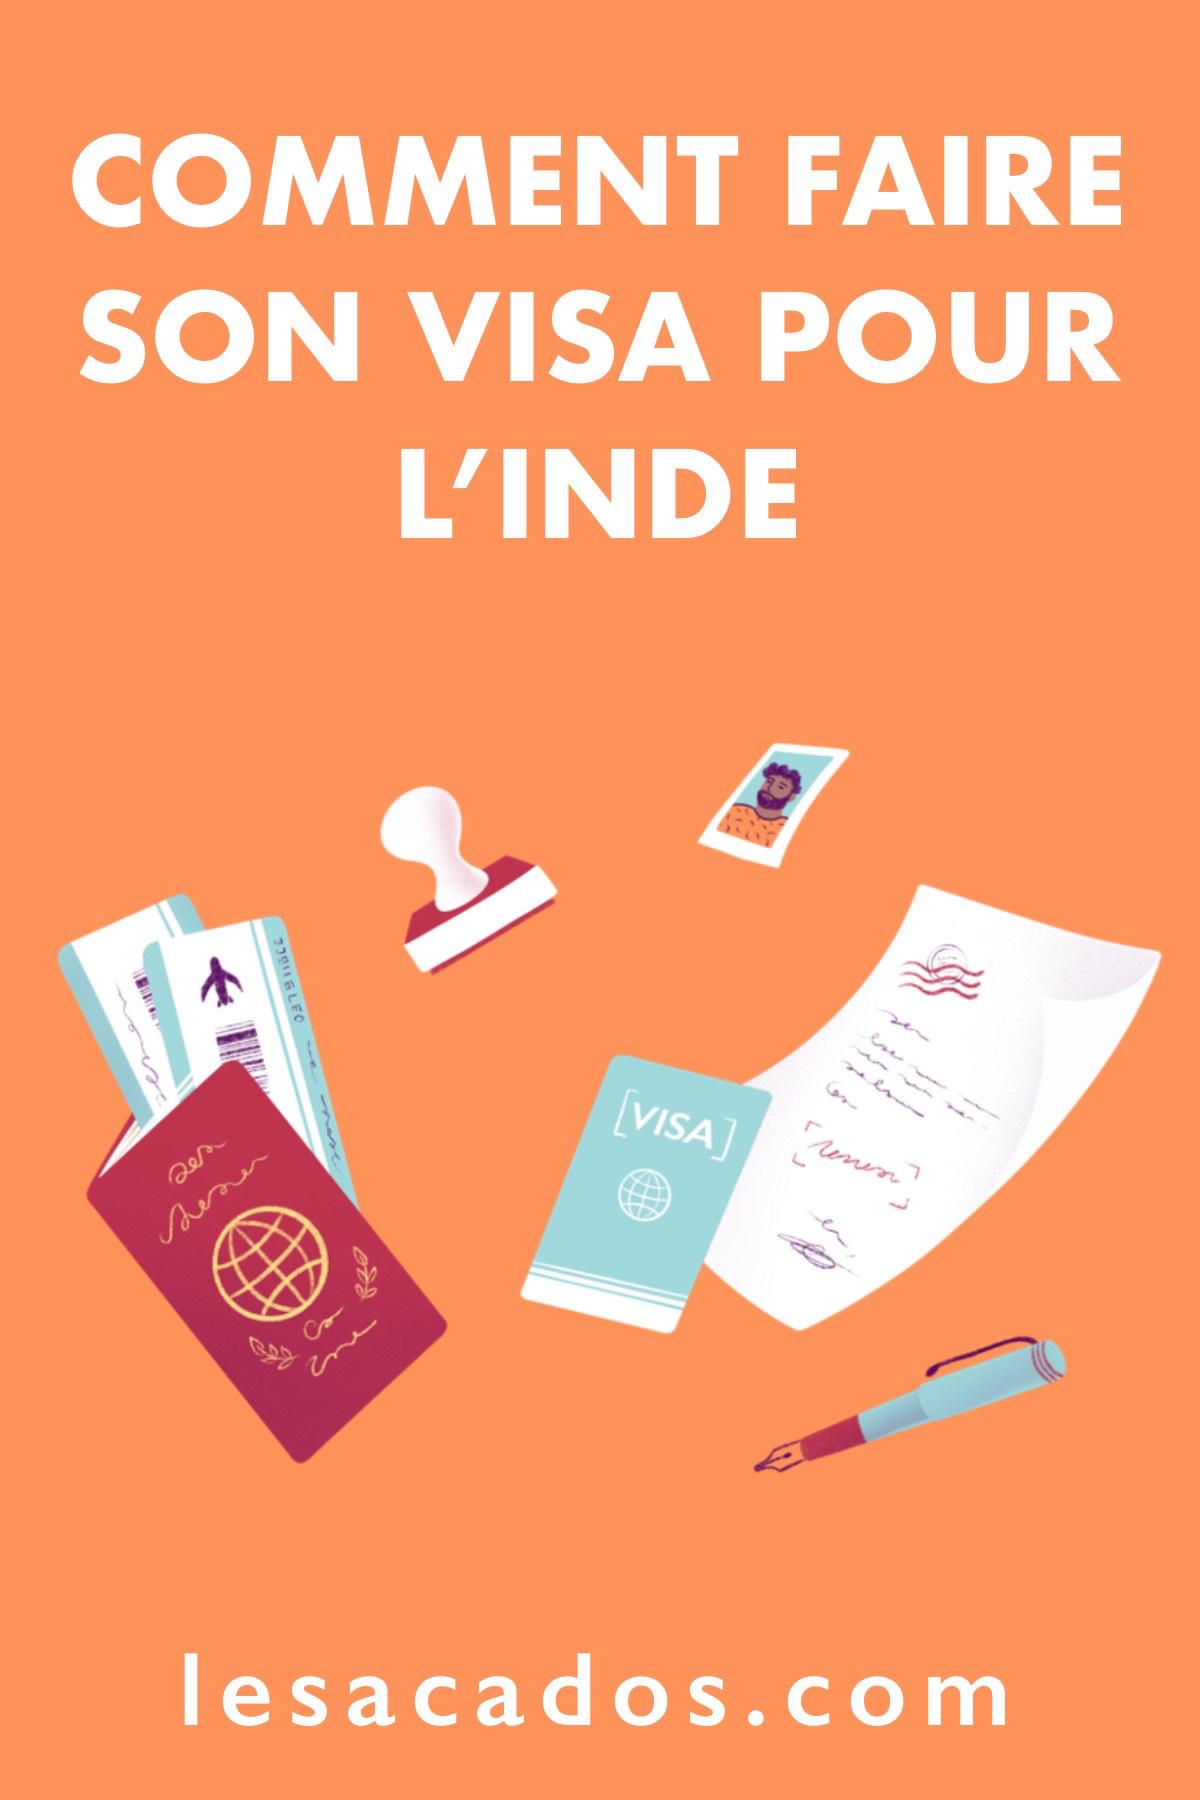 Vous souhaitez faire un Visa Inde? Dand cet article je vous explique comment faire votre e visa seul ou en passant par une agence.